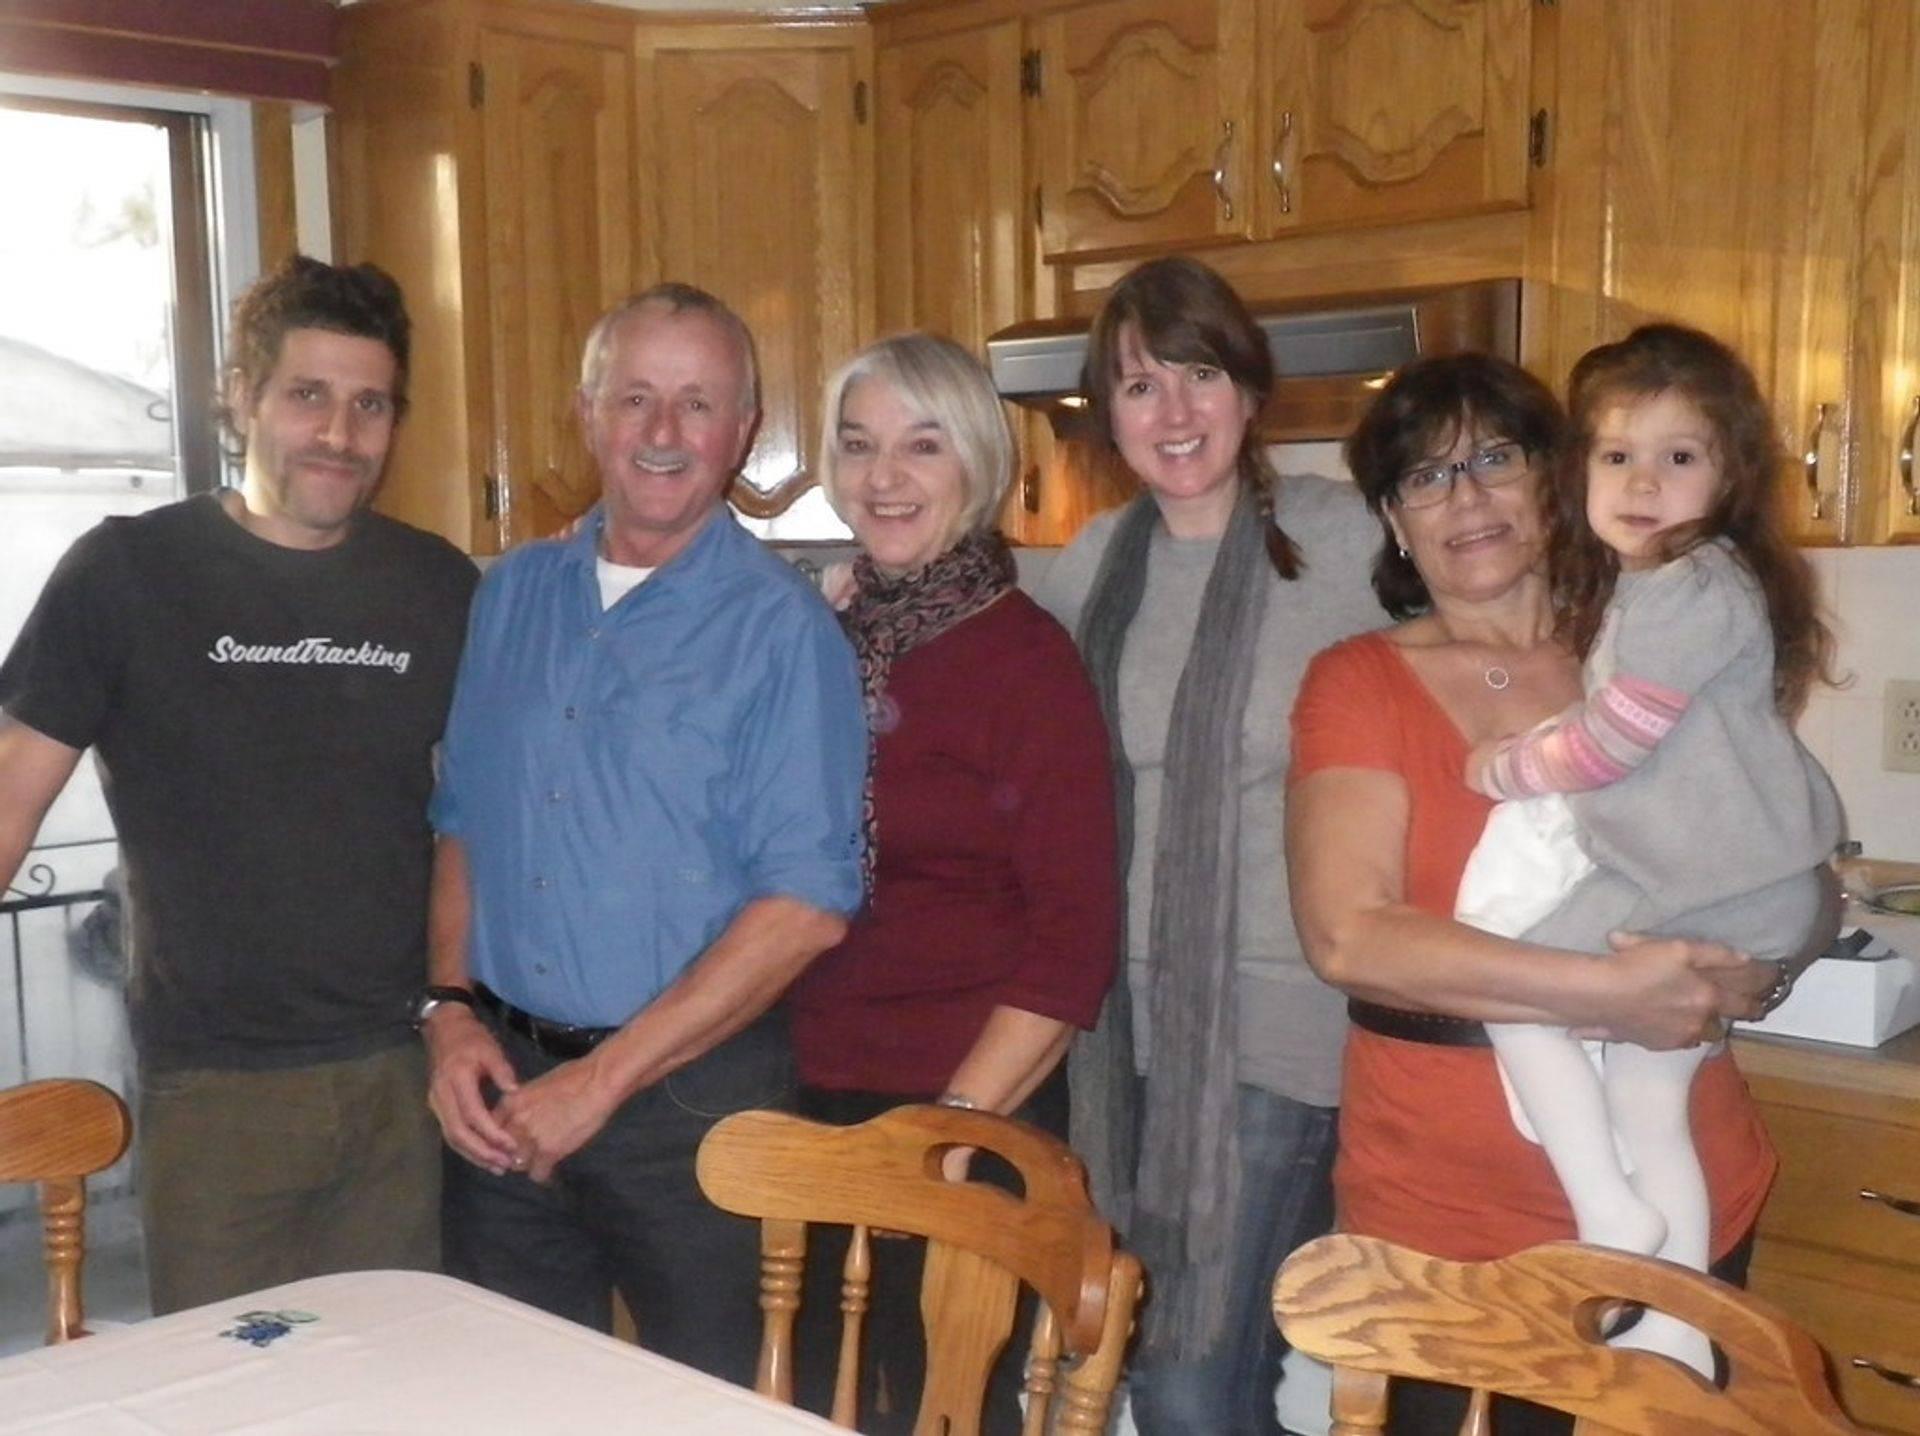 Family Law, Spanish-Speaking Lawyer, Falgstaff, AZ